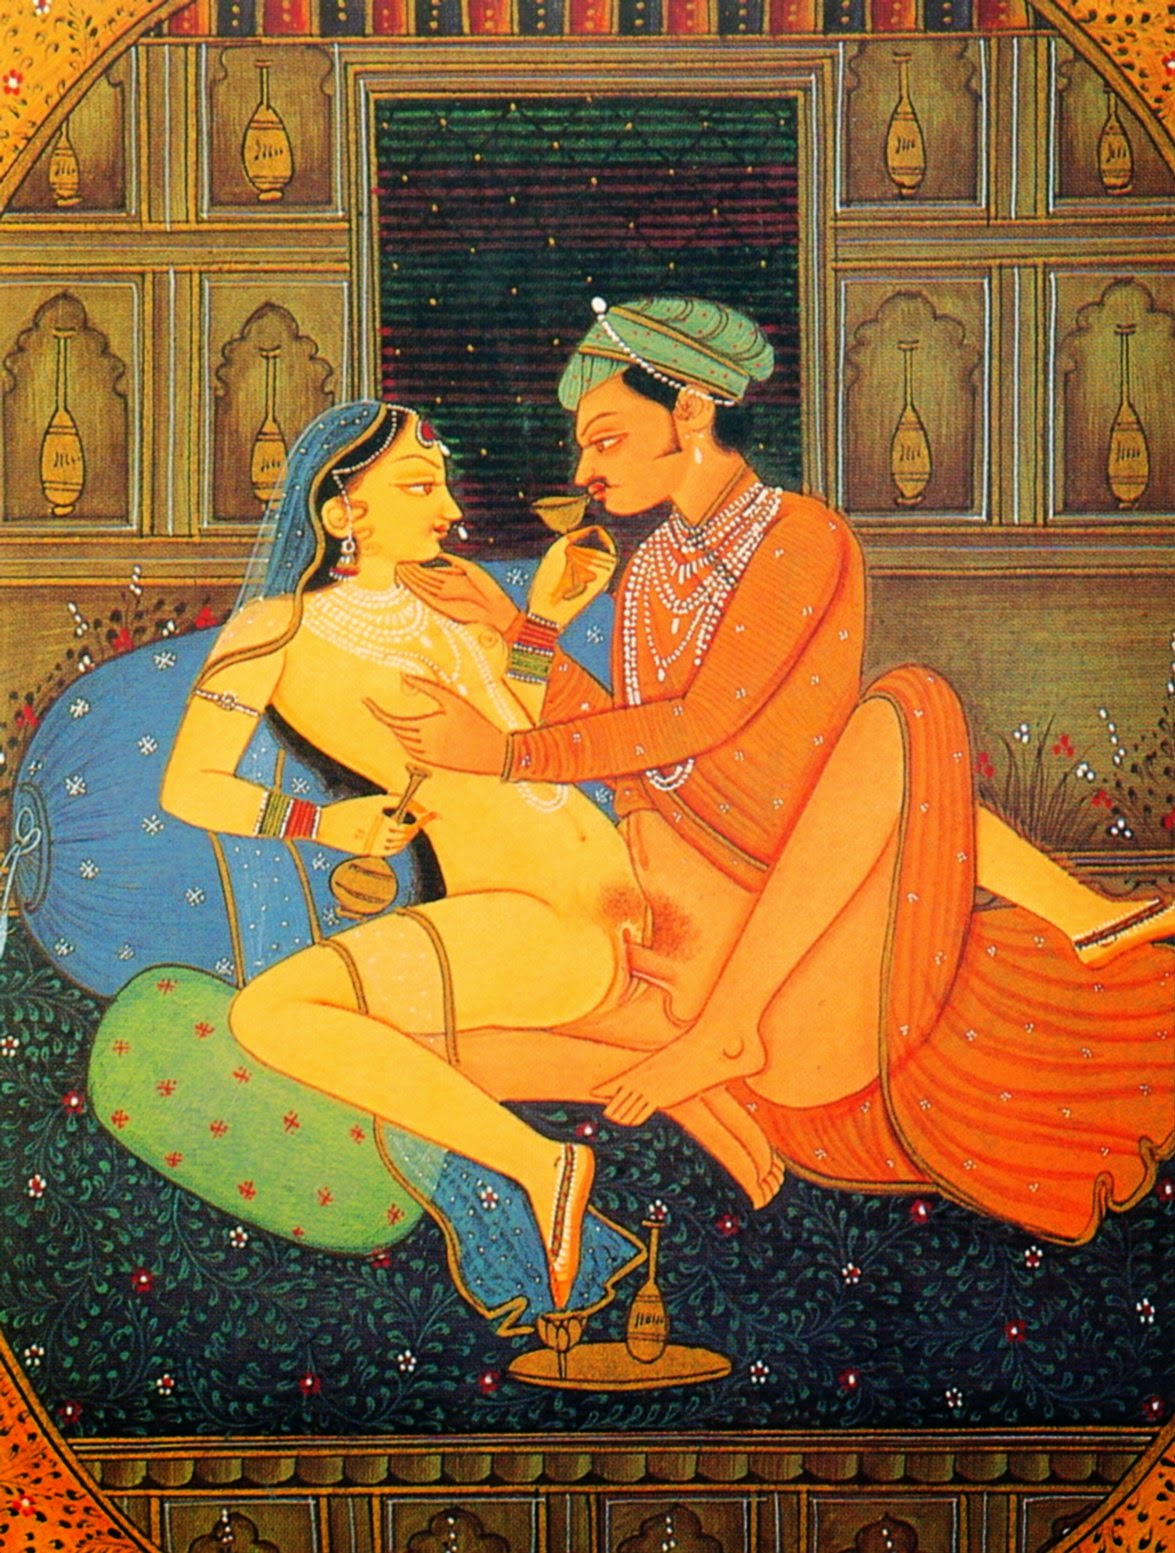 камасутра индийские картинки сайте